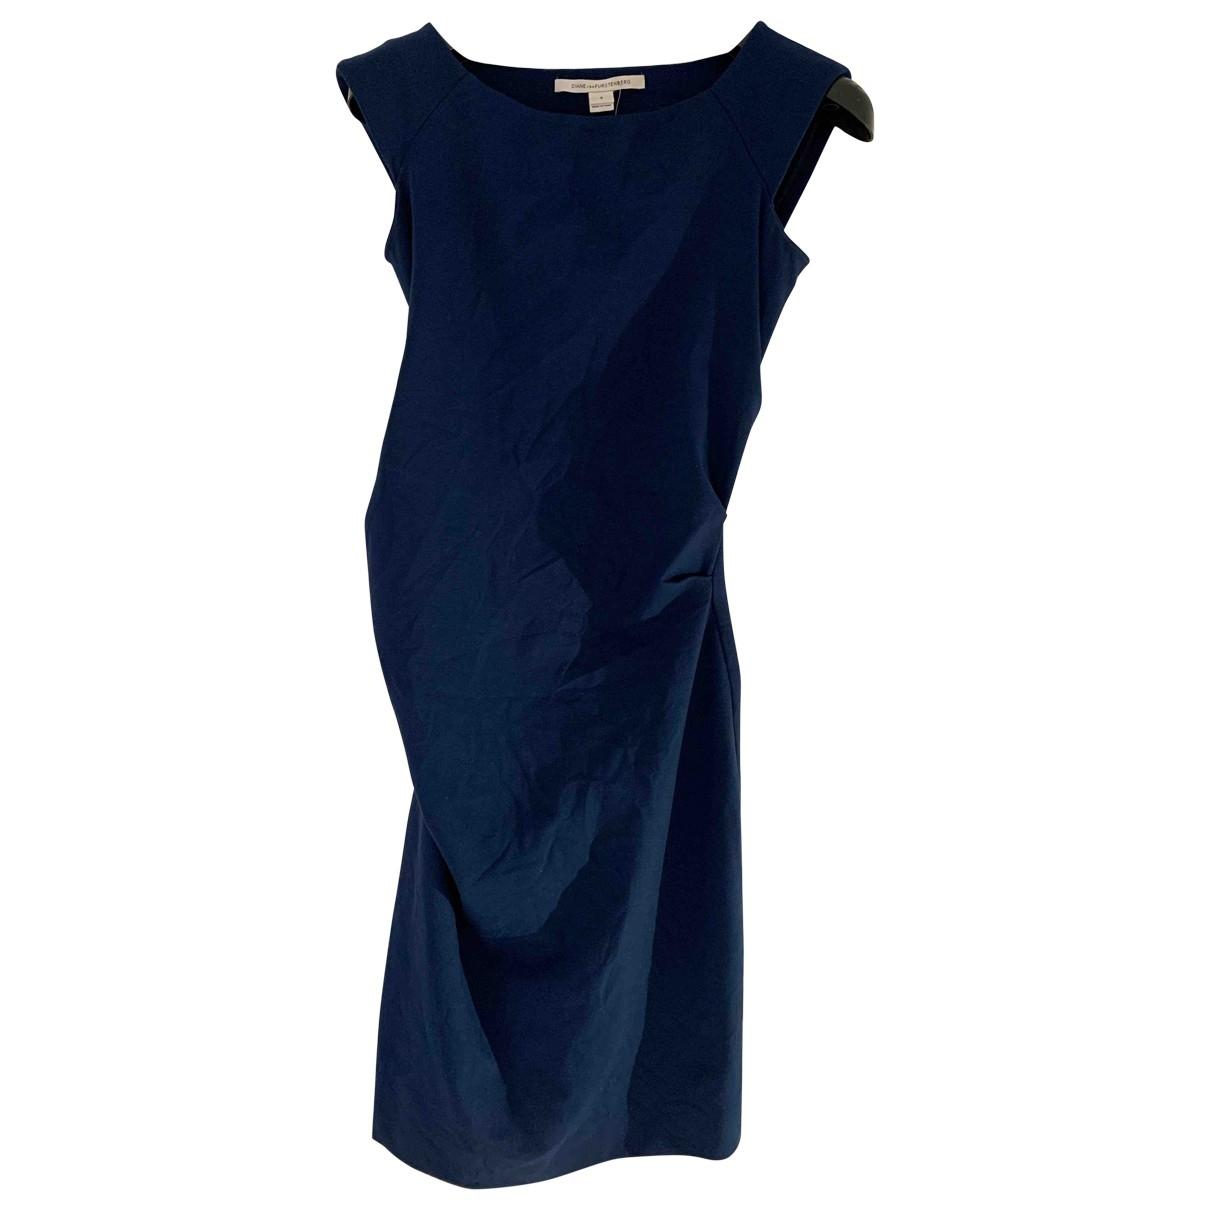 Diane Von Furstenberg \N Kleid in Baumwolle - Elasthan